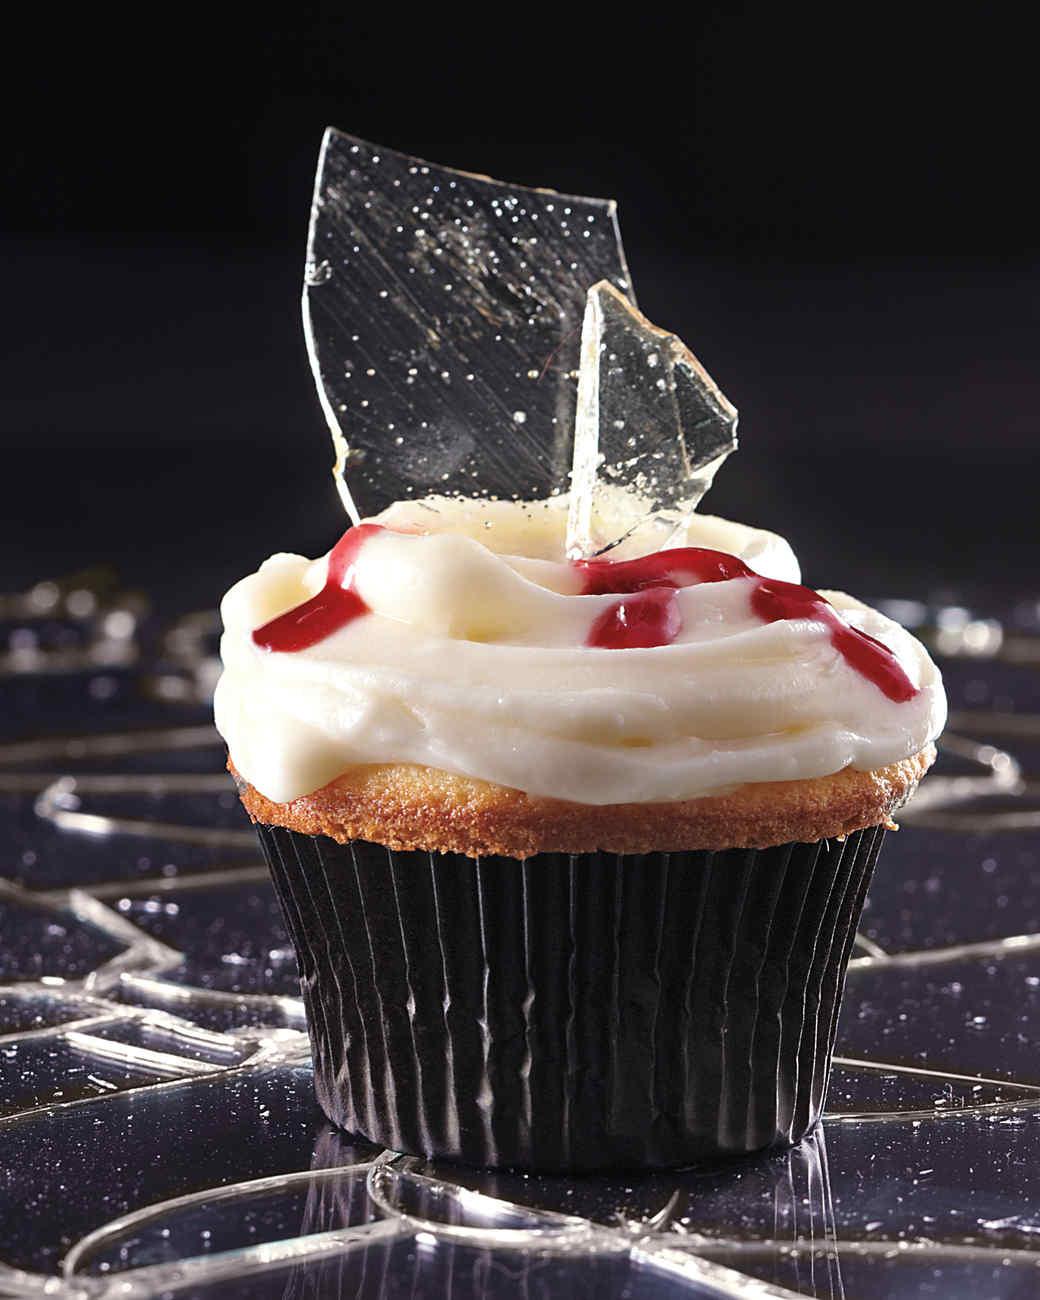 glass-cupcake-phobias-1011mld107647.jpg